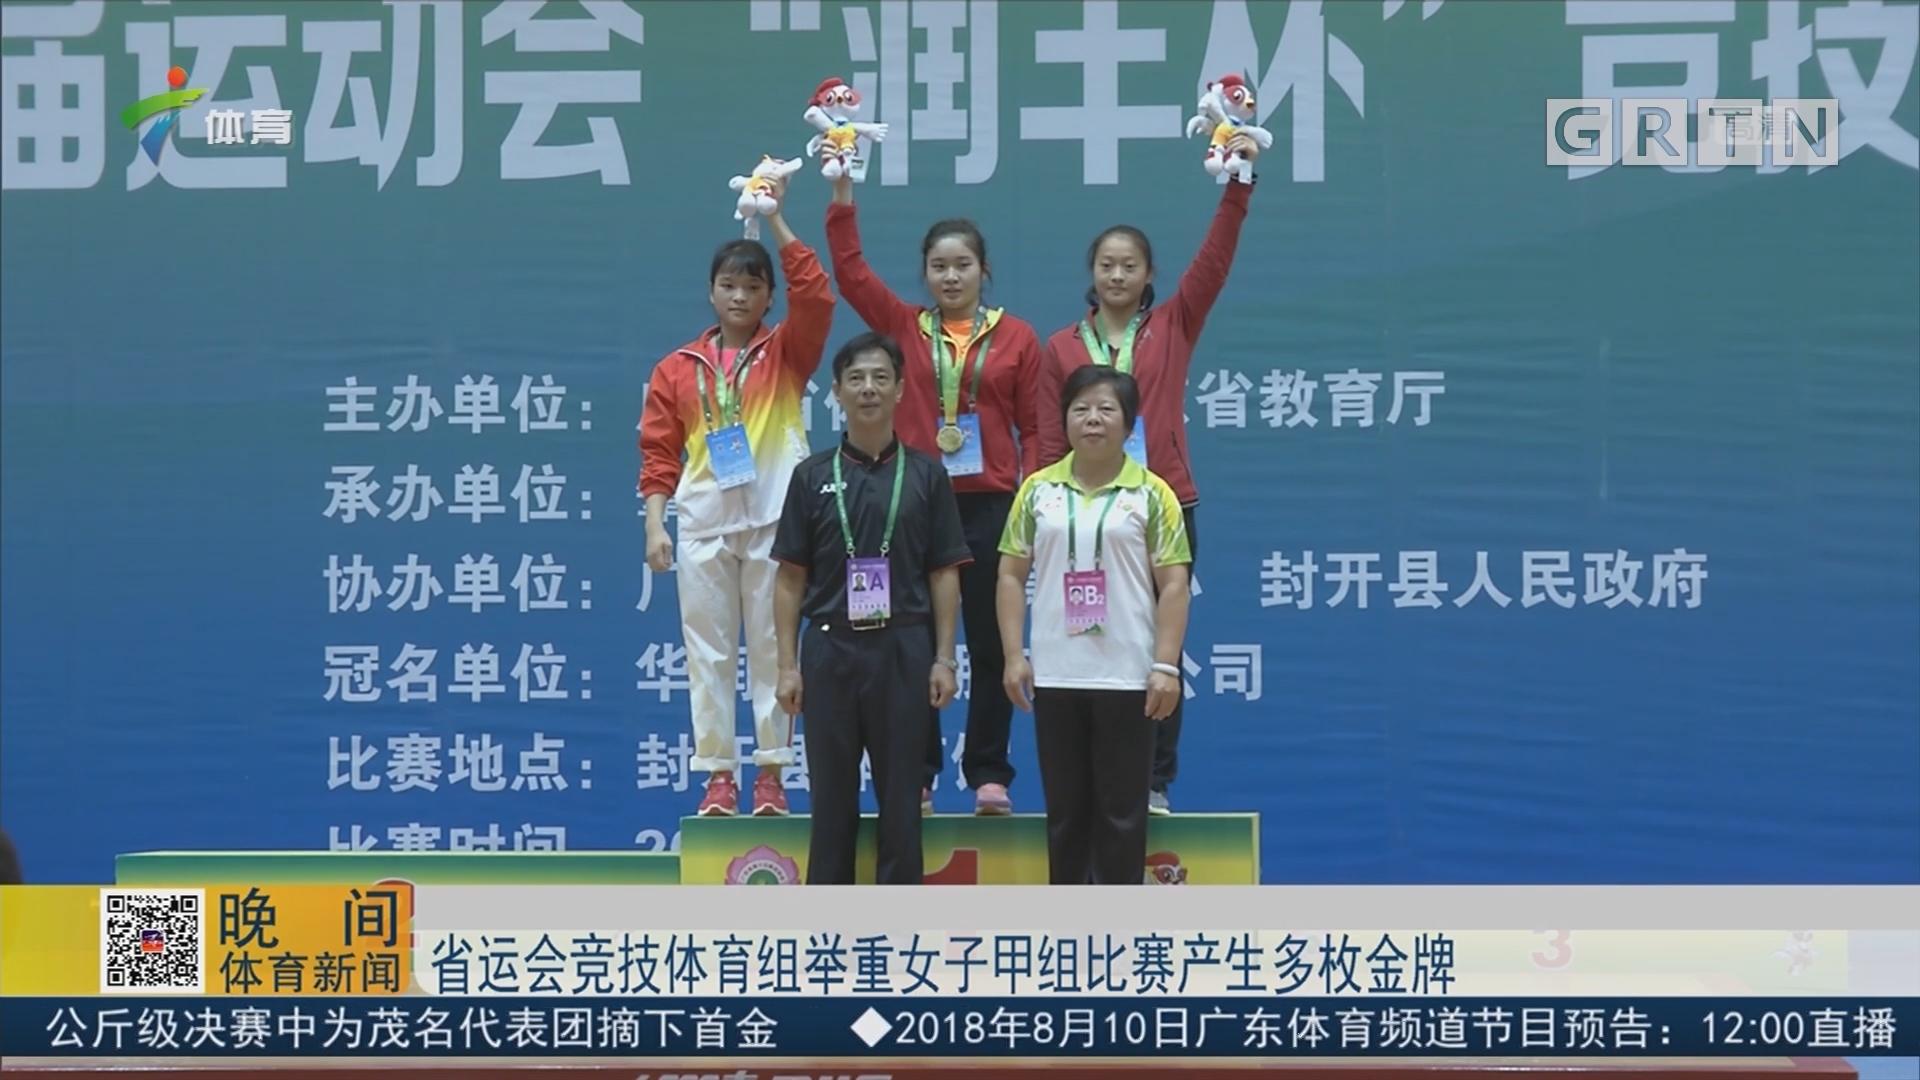 省运会竞技体育组举重女子甲组比赛产生多枚金牌